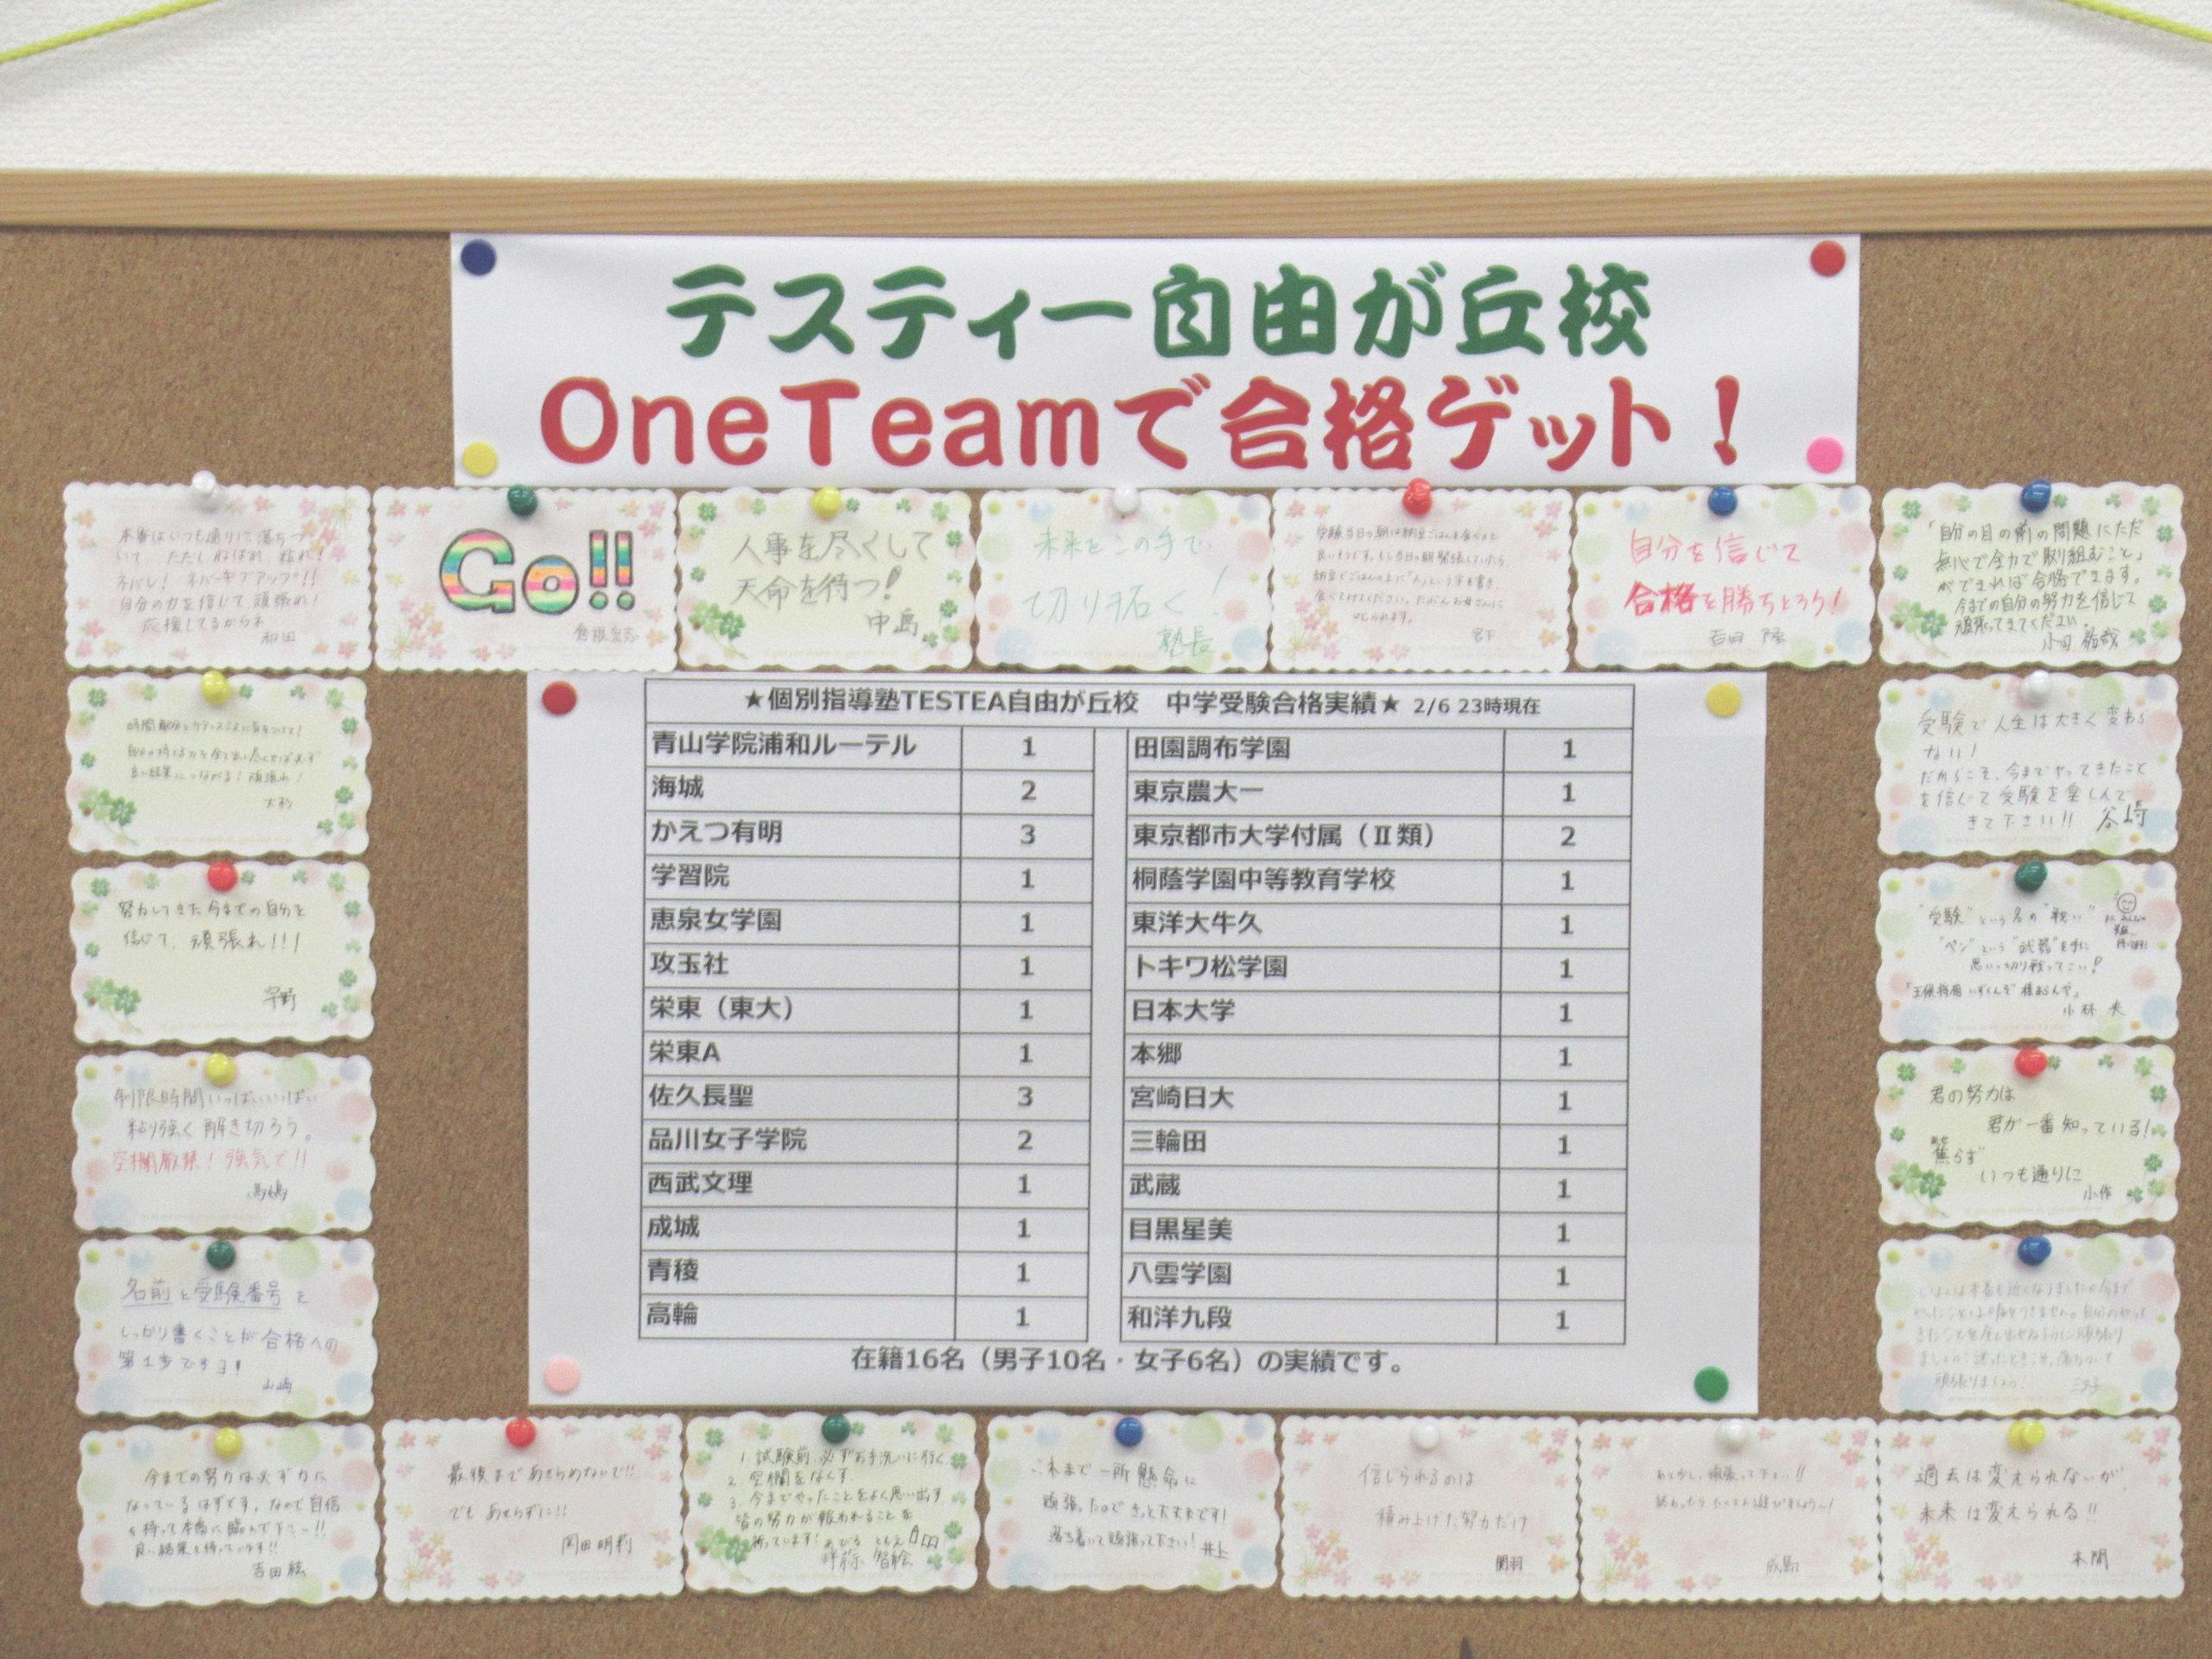 【TESTEA自由が丘校】OneTeamで合格ゲット!